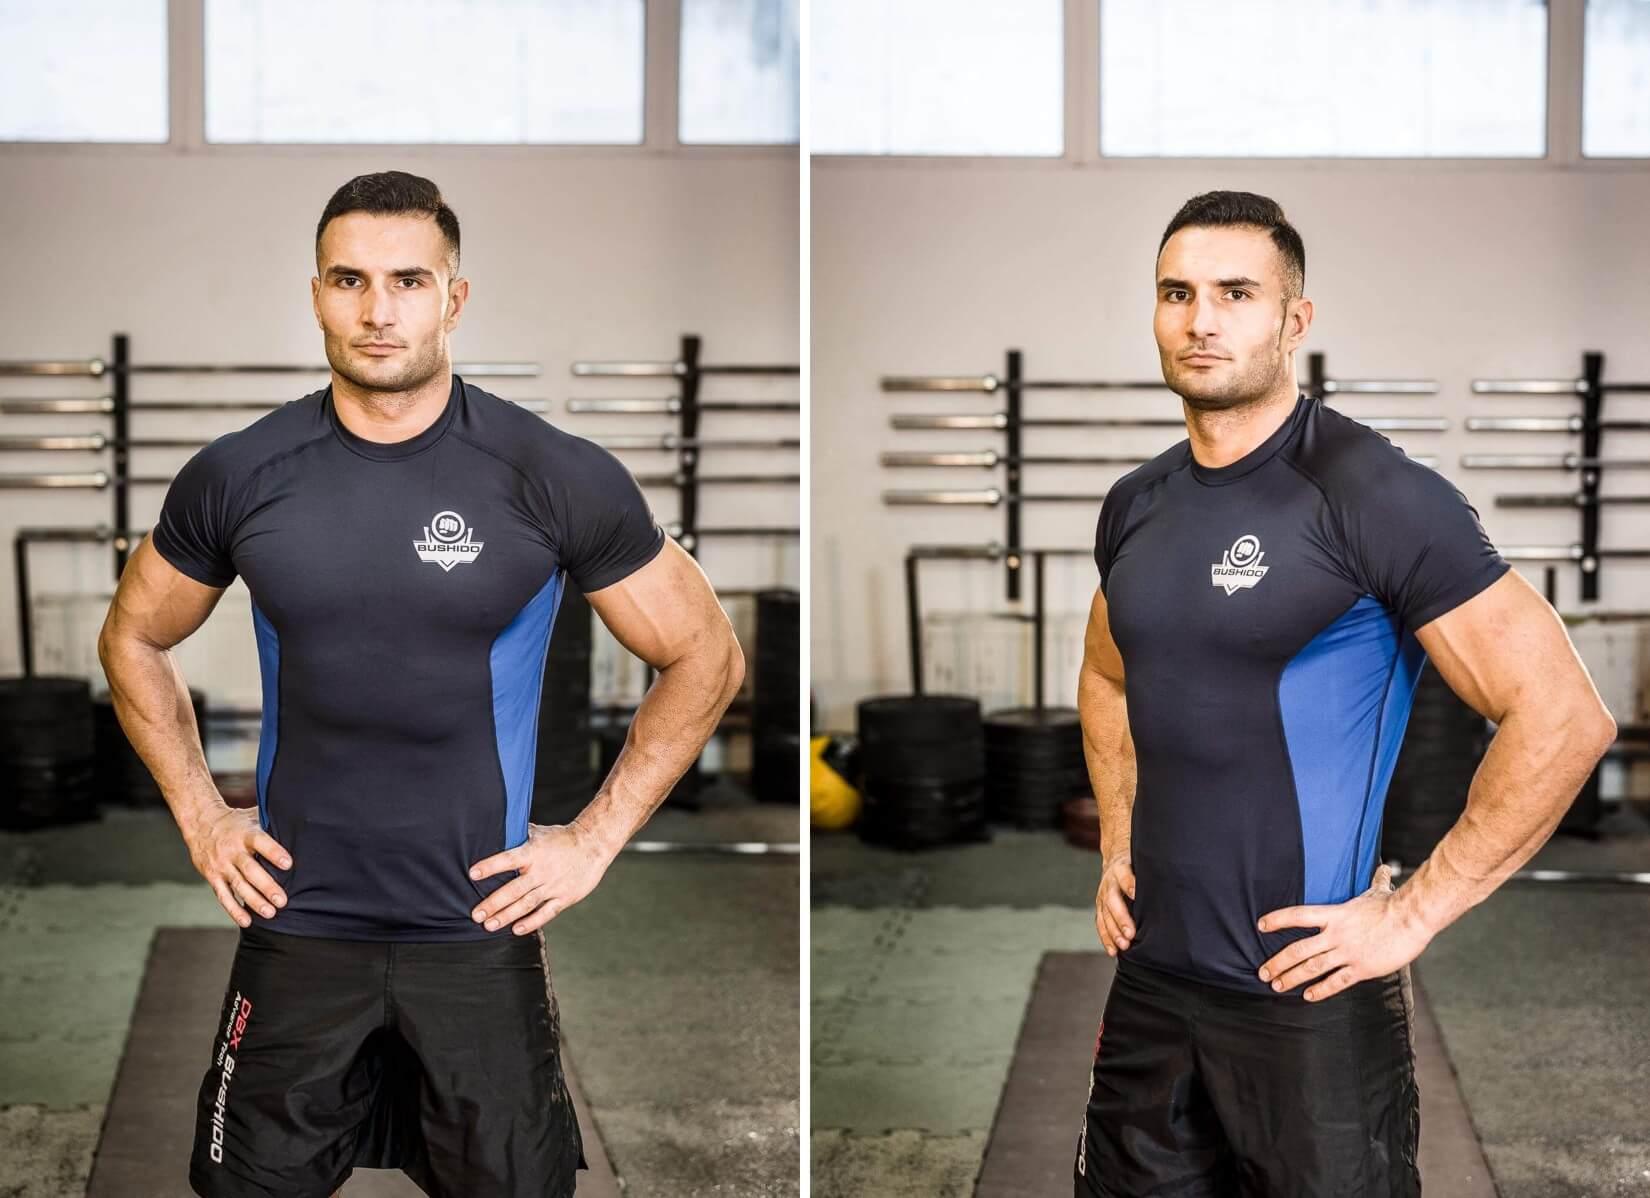 koszulka treningowa wyszczuplająca